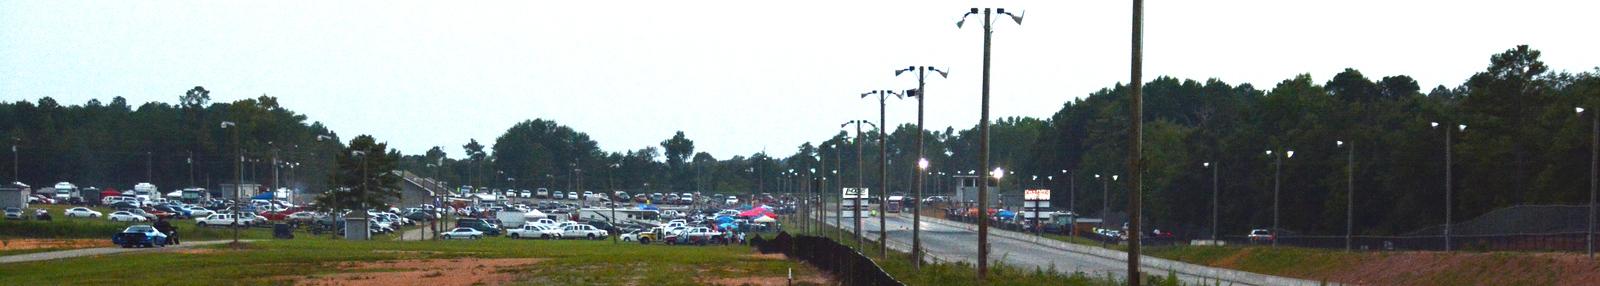 Middle GA Motorsports Park